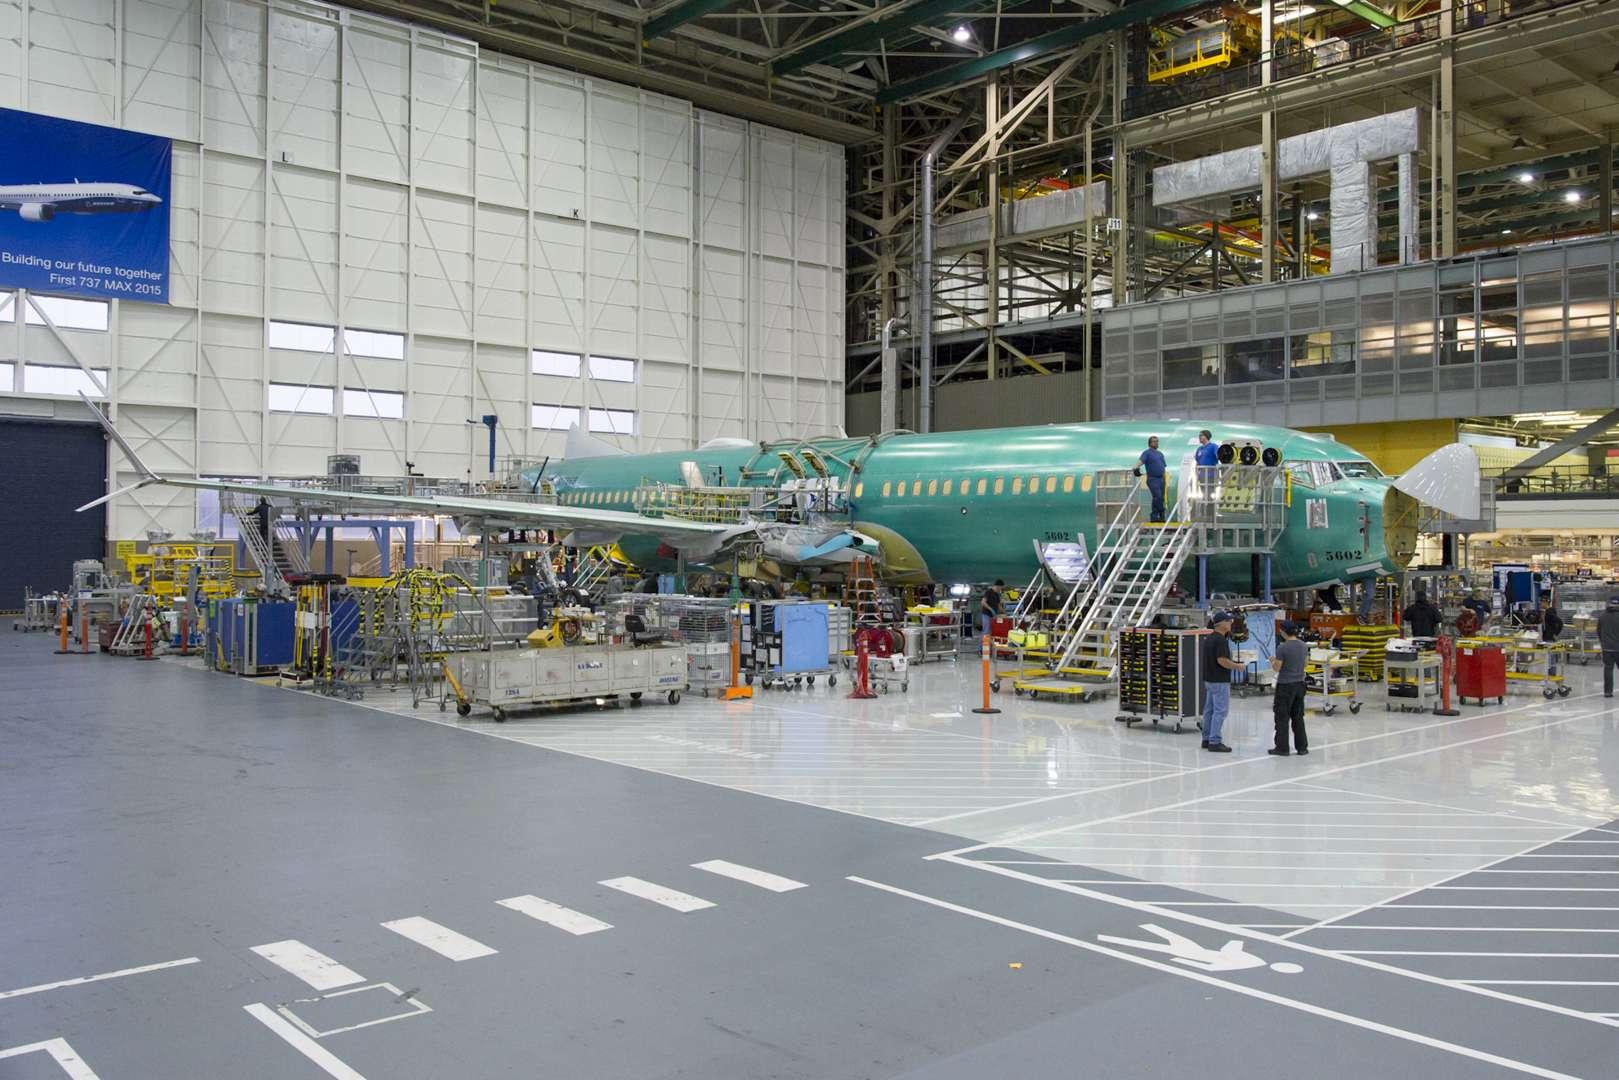 En images : Boeing prêt pour l'assemblage final de son nouveau 737 MAX – L'Usine de l'Aéro